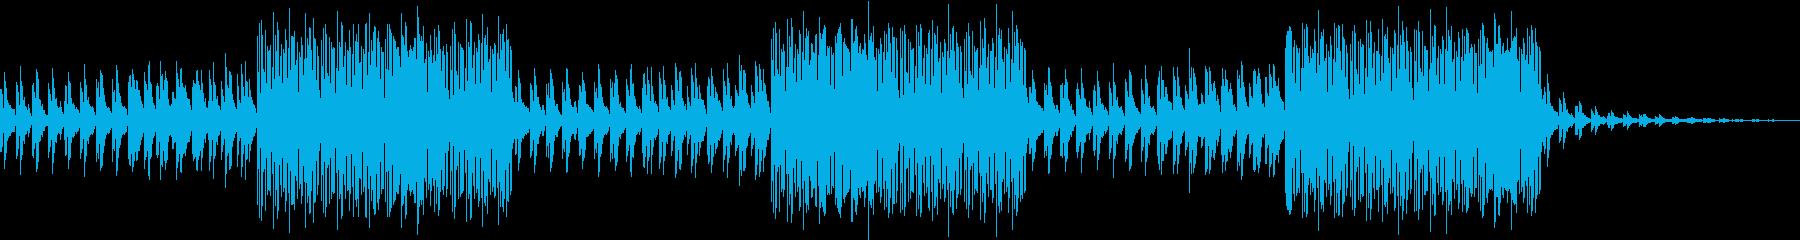 ハロウィンを彩るアクティブなビートの再生済みの波形